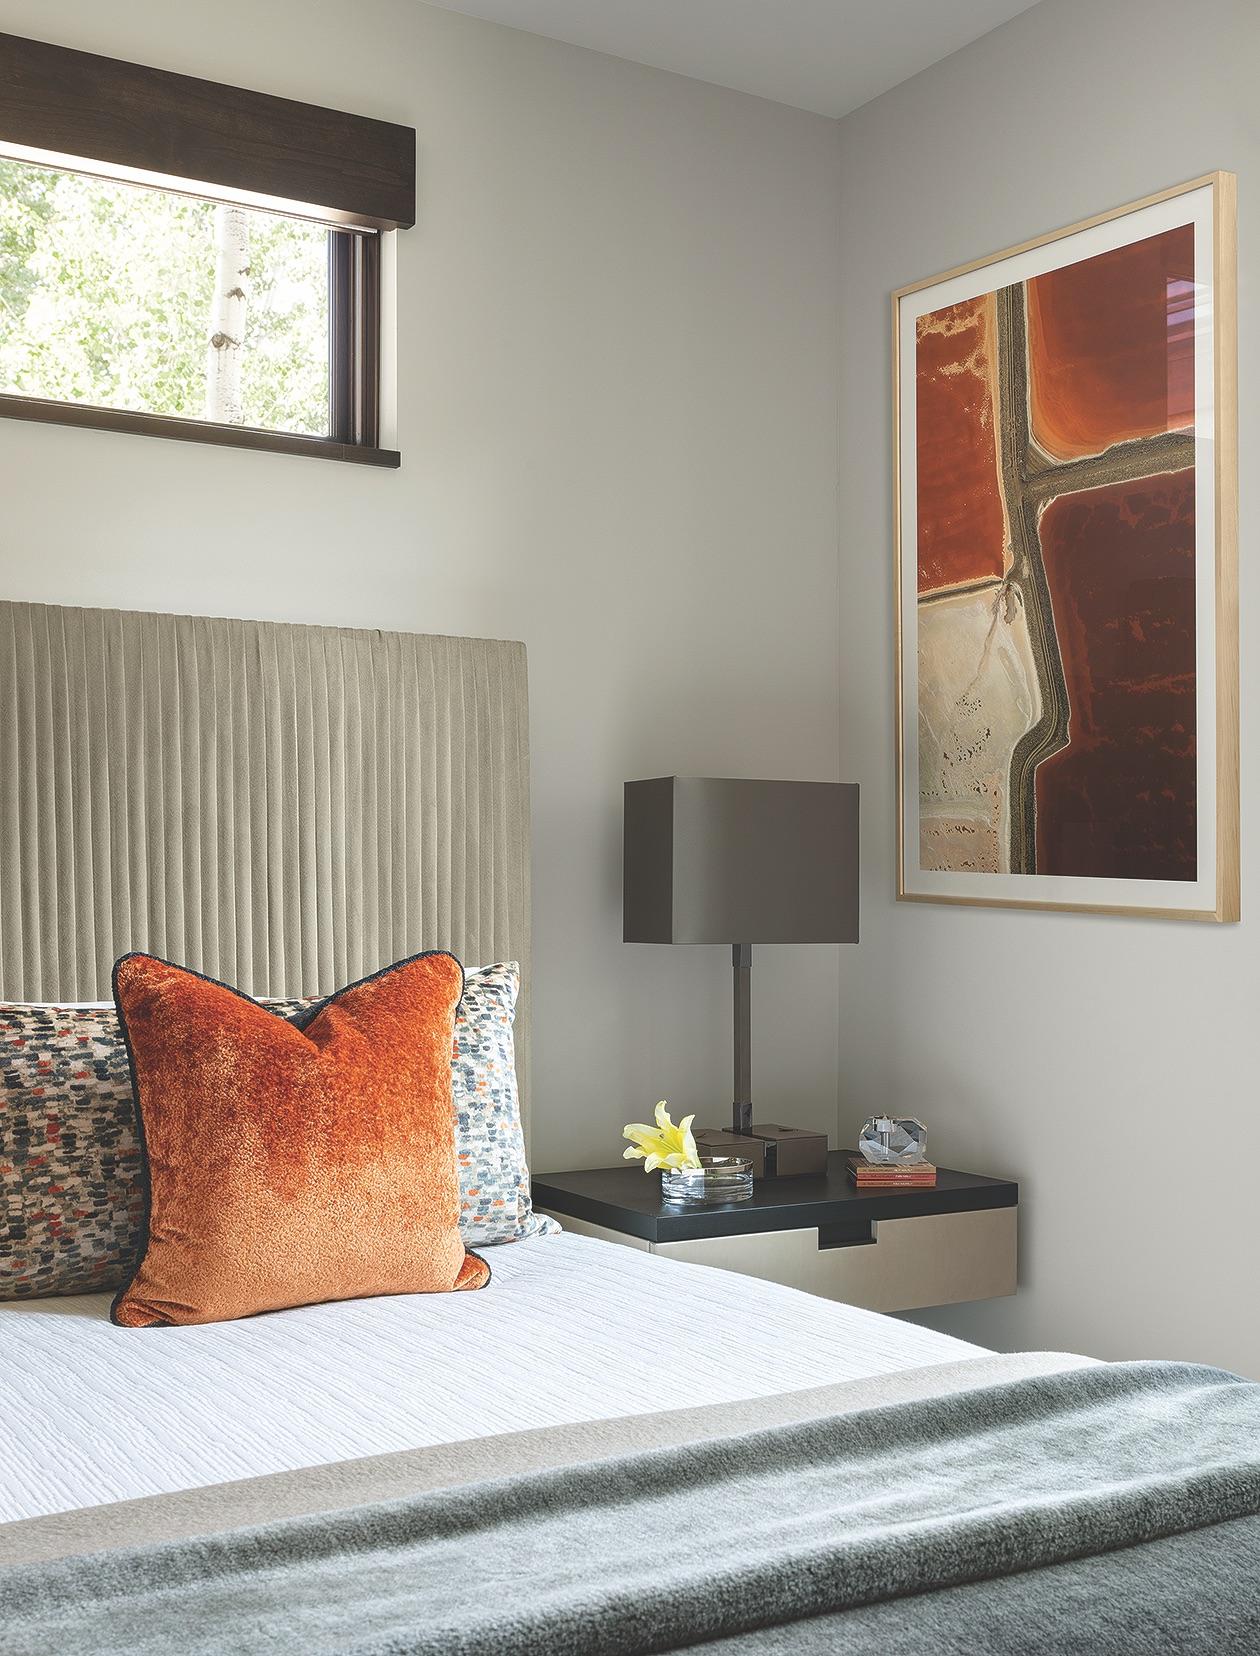 Interiors Oragne Bed